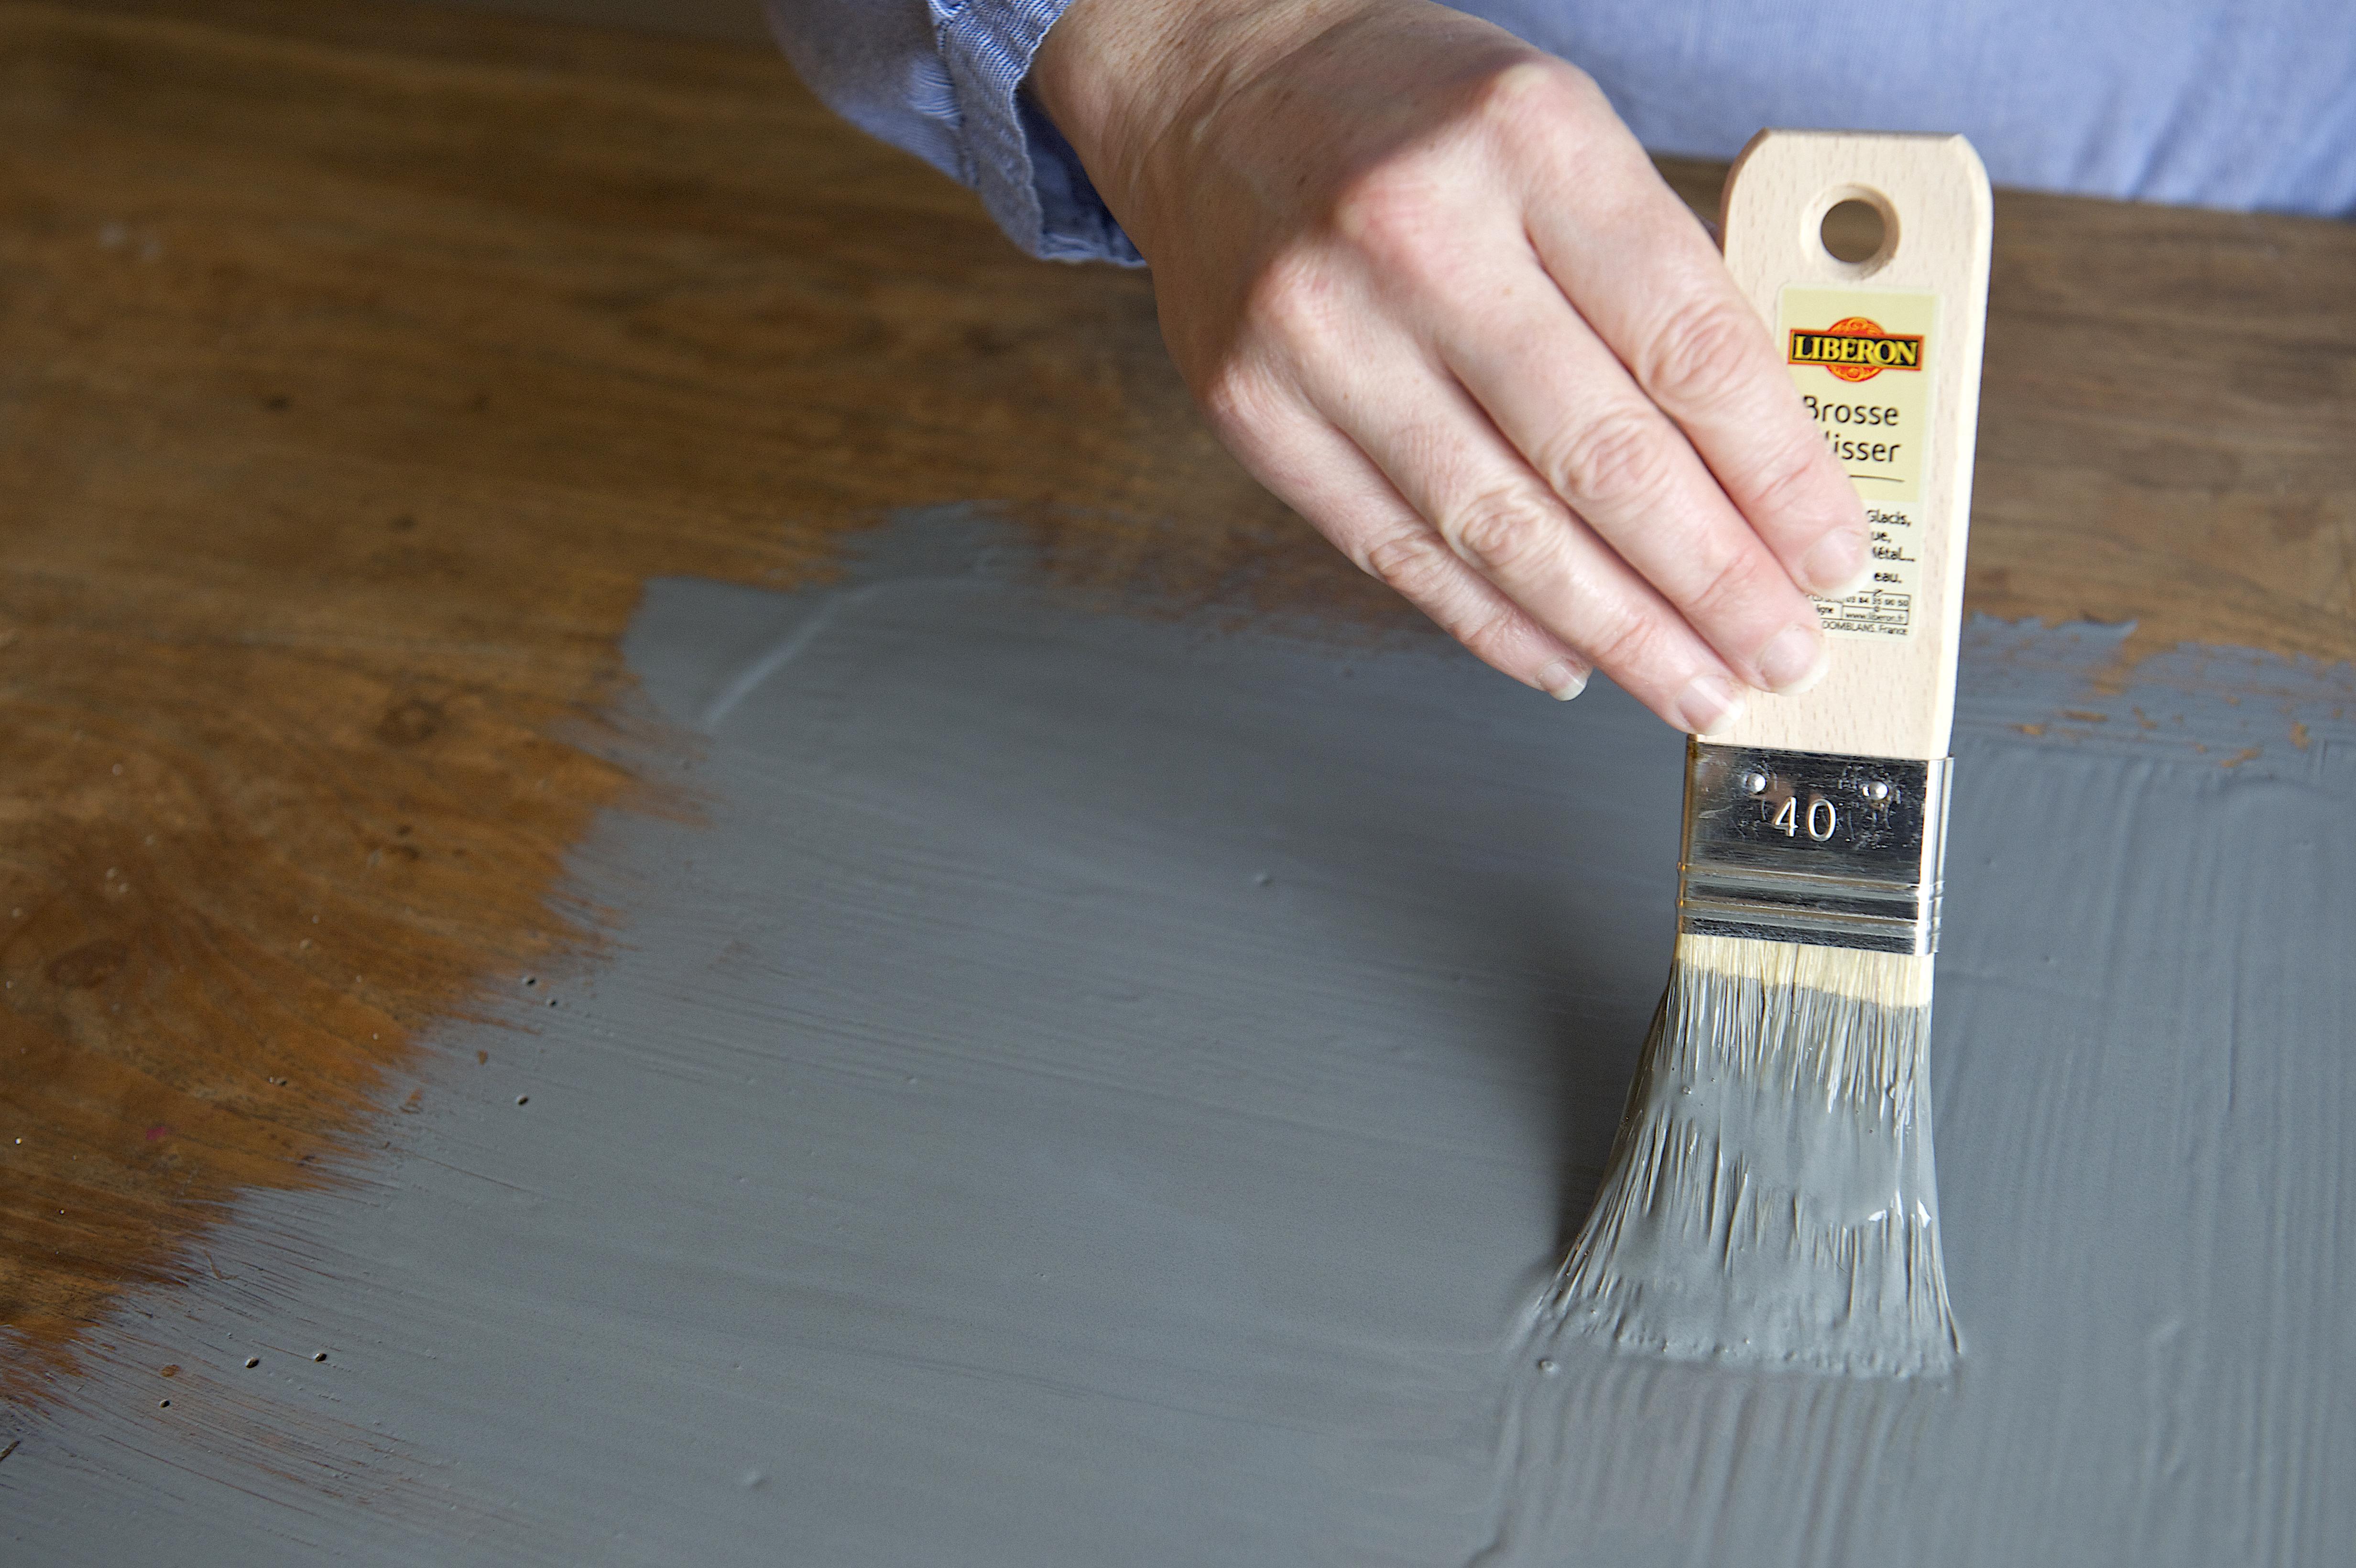 Servez-vous d'un papier de verre pour frotter le plateau en suivant le sens des fibres du bois. Ensuite, après avoir enlevé les poussières, enduisez la partie de la peinture à effet ardoise, puis passez un coup de chiffon après le séchage.